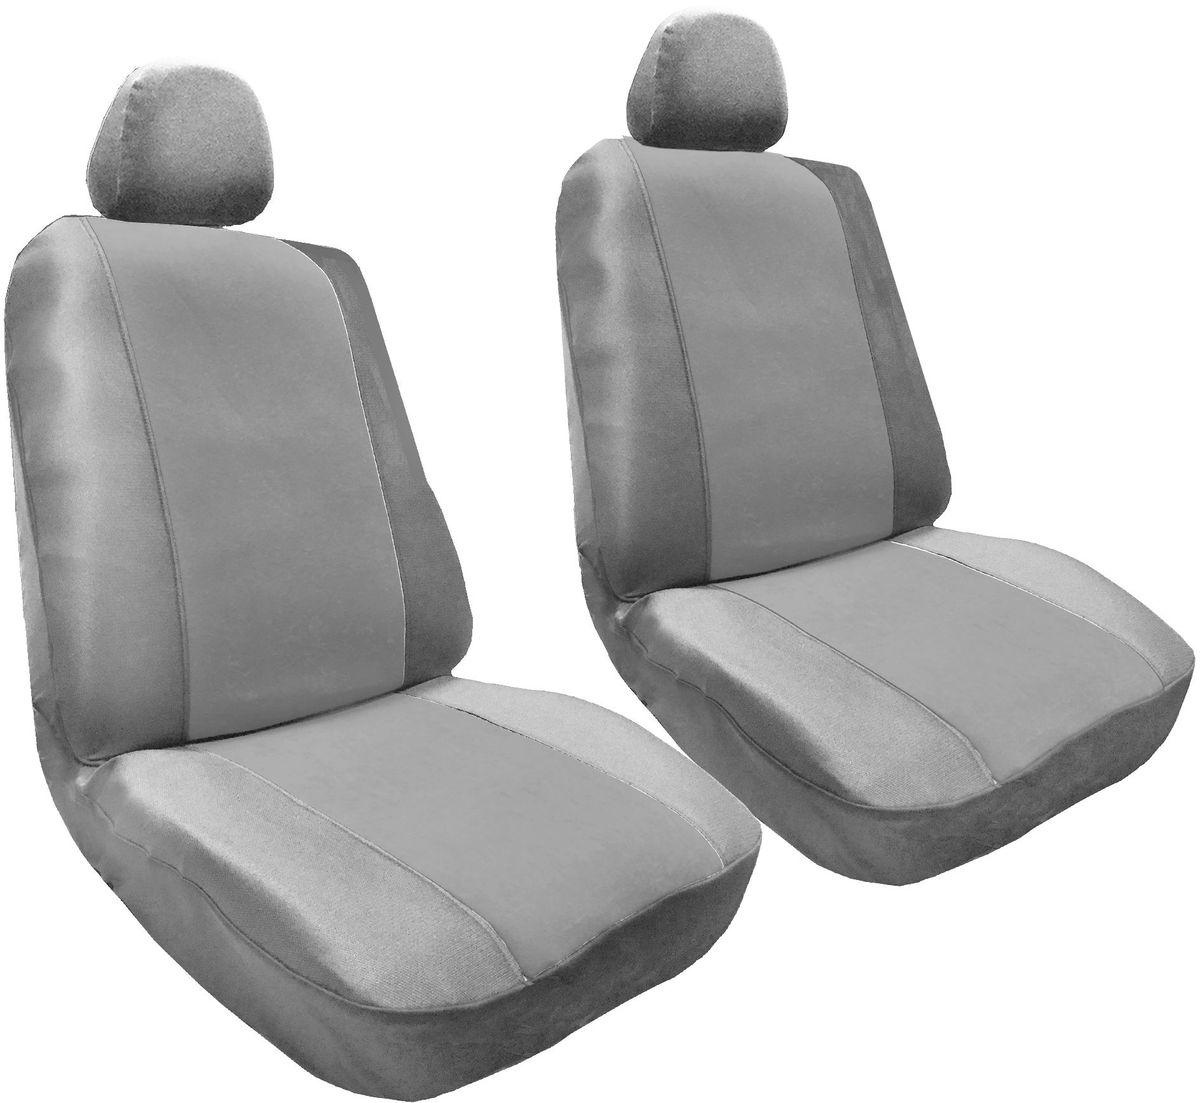 Набор автомобильных чехлов Auto Premium Корвет, цвет: серый, 4 предмета57305Комплект универсальных чехлов Auto Premium Корвет выполнен из велюра. Предназначен для передних кресел автомобиля. В комплект входят съемные чехлы для подголовников. Практичный и долговечный комплект чехлов для передних сидений надежно защищает сиденье водителя и пассажира от механических повреждений, загрязнений и износа.